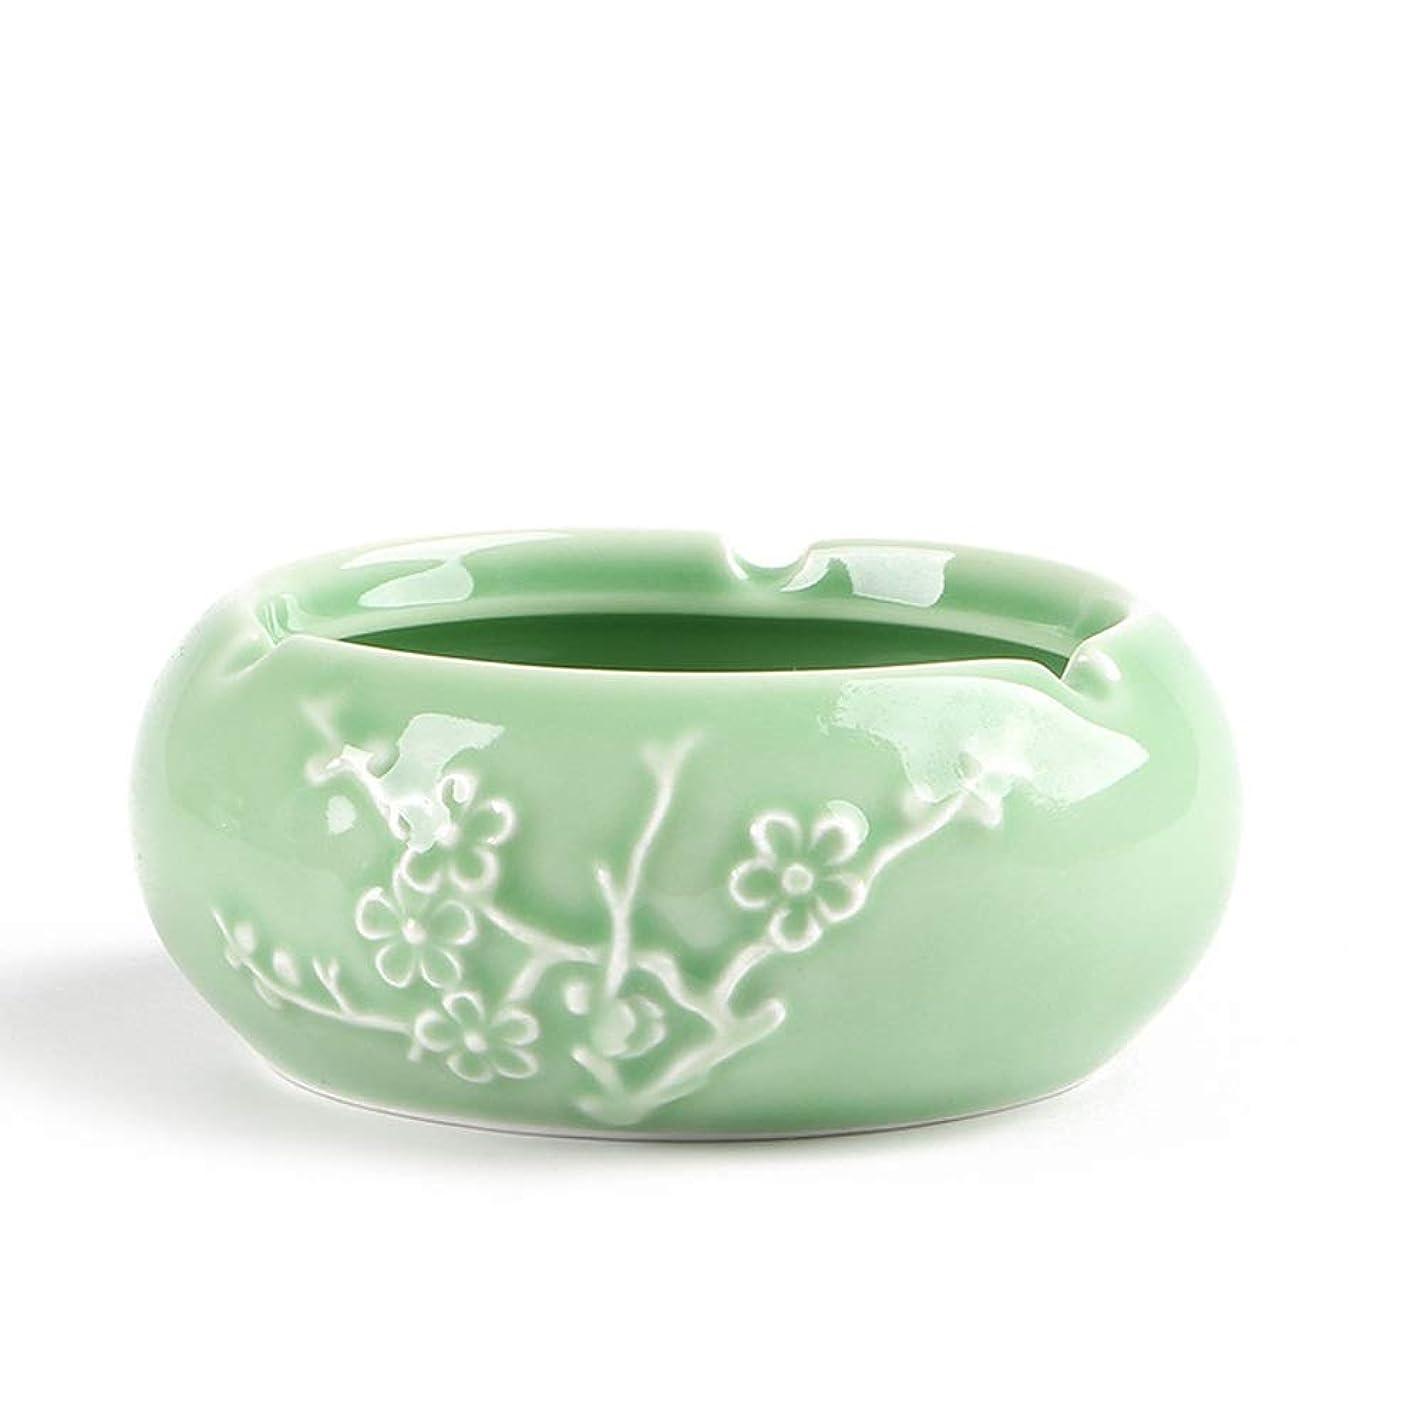 ハプニング一時解雇するフィルタ中国のセラミック灰皿手作り灰皿クリエイティブクラフトバーインターネットカフェ写真小道具の装飾品